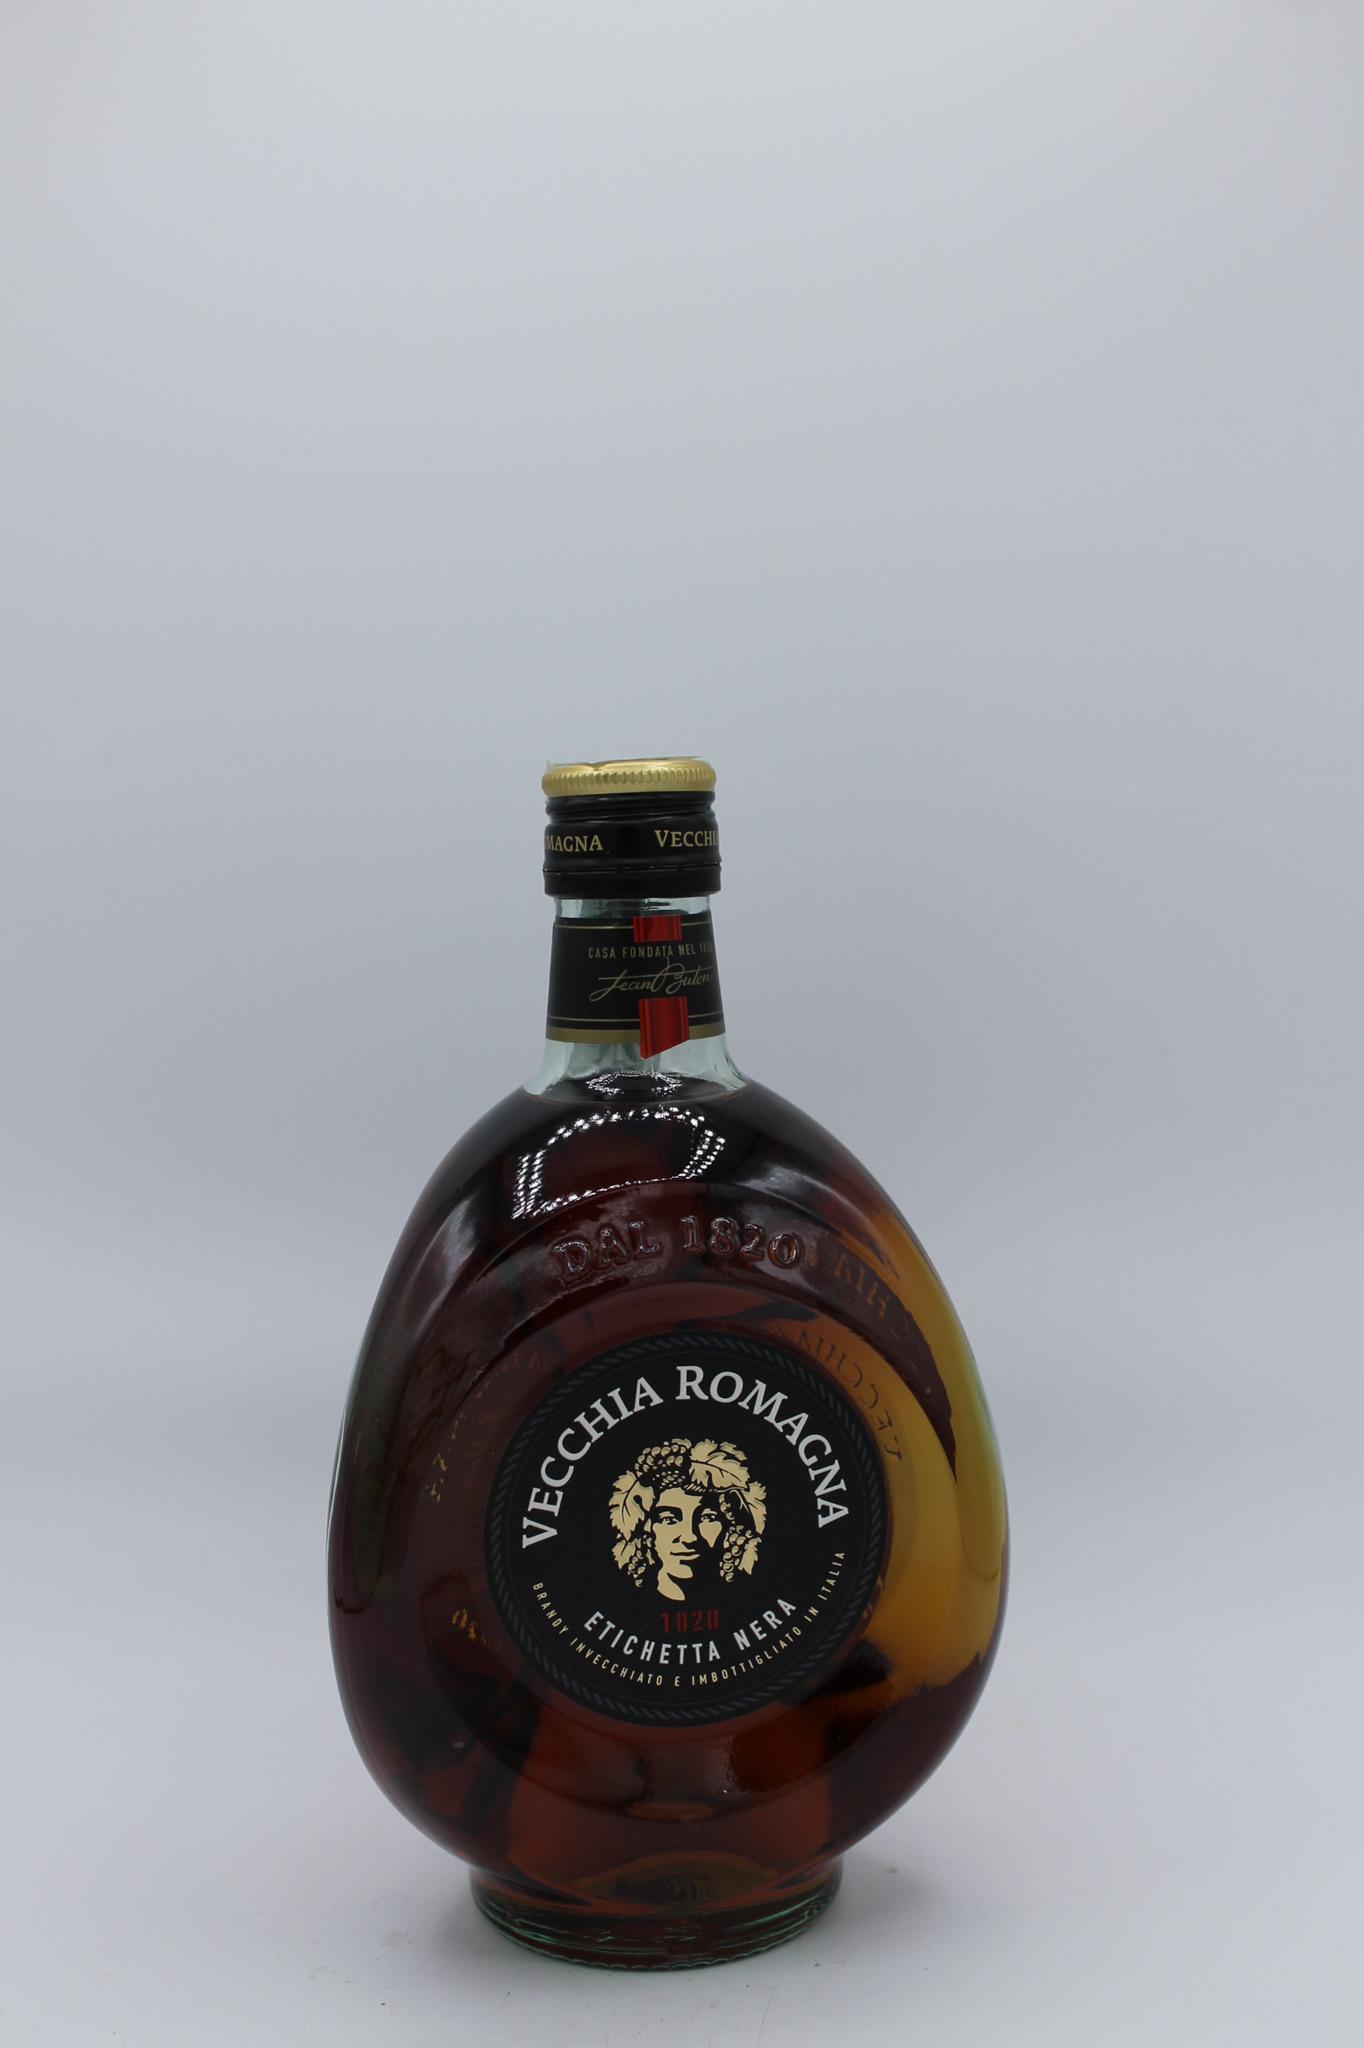 Vecchia Romagna brandy etichetta nera 700ml.